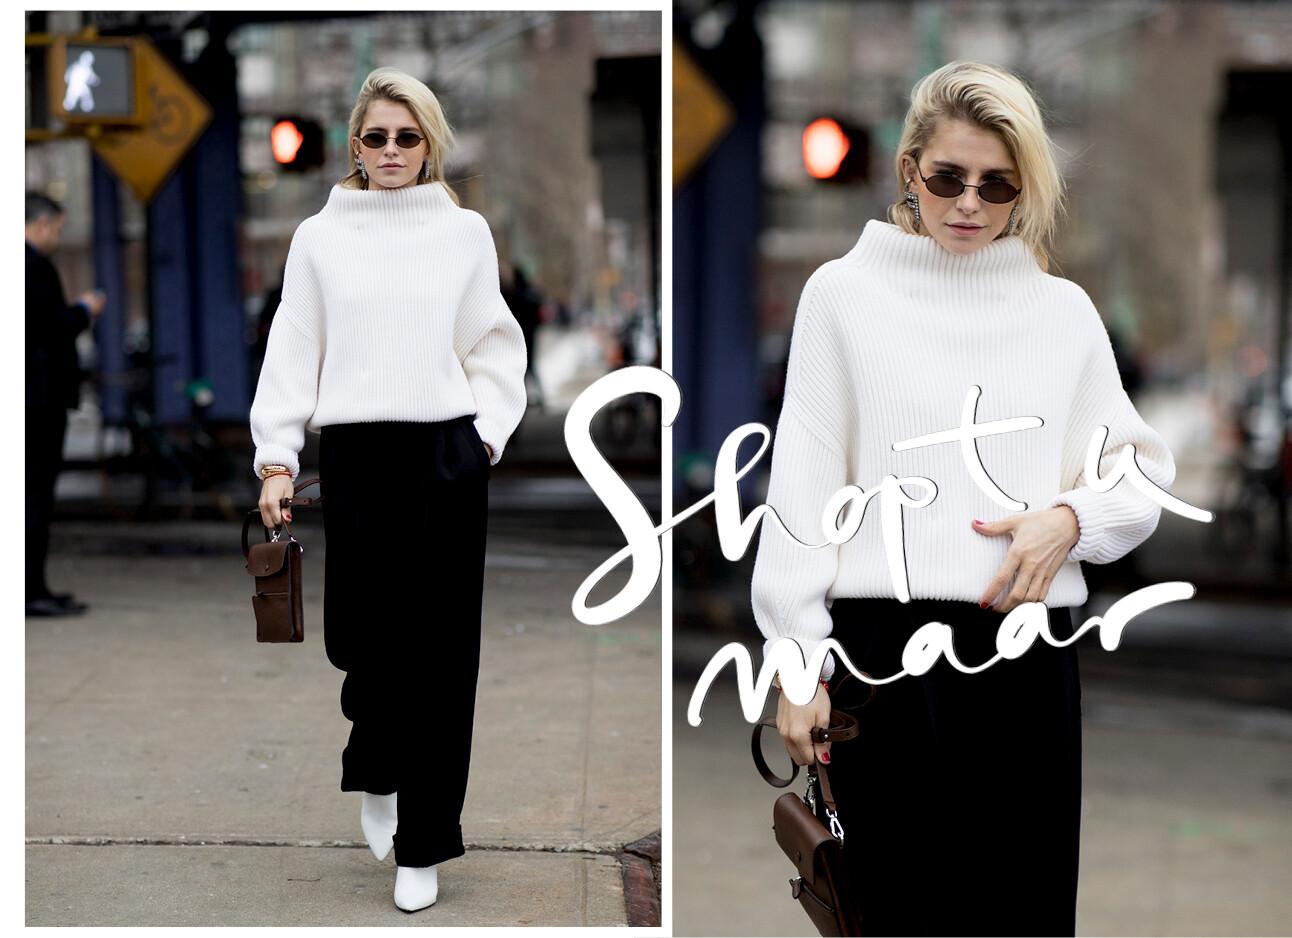 witte trui zwarte broek streetwear fashion op straat